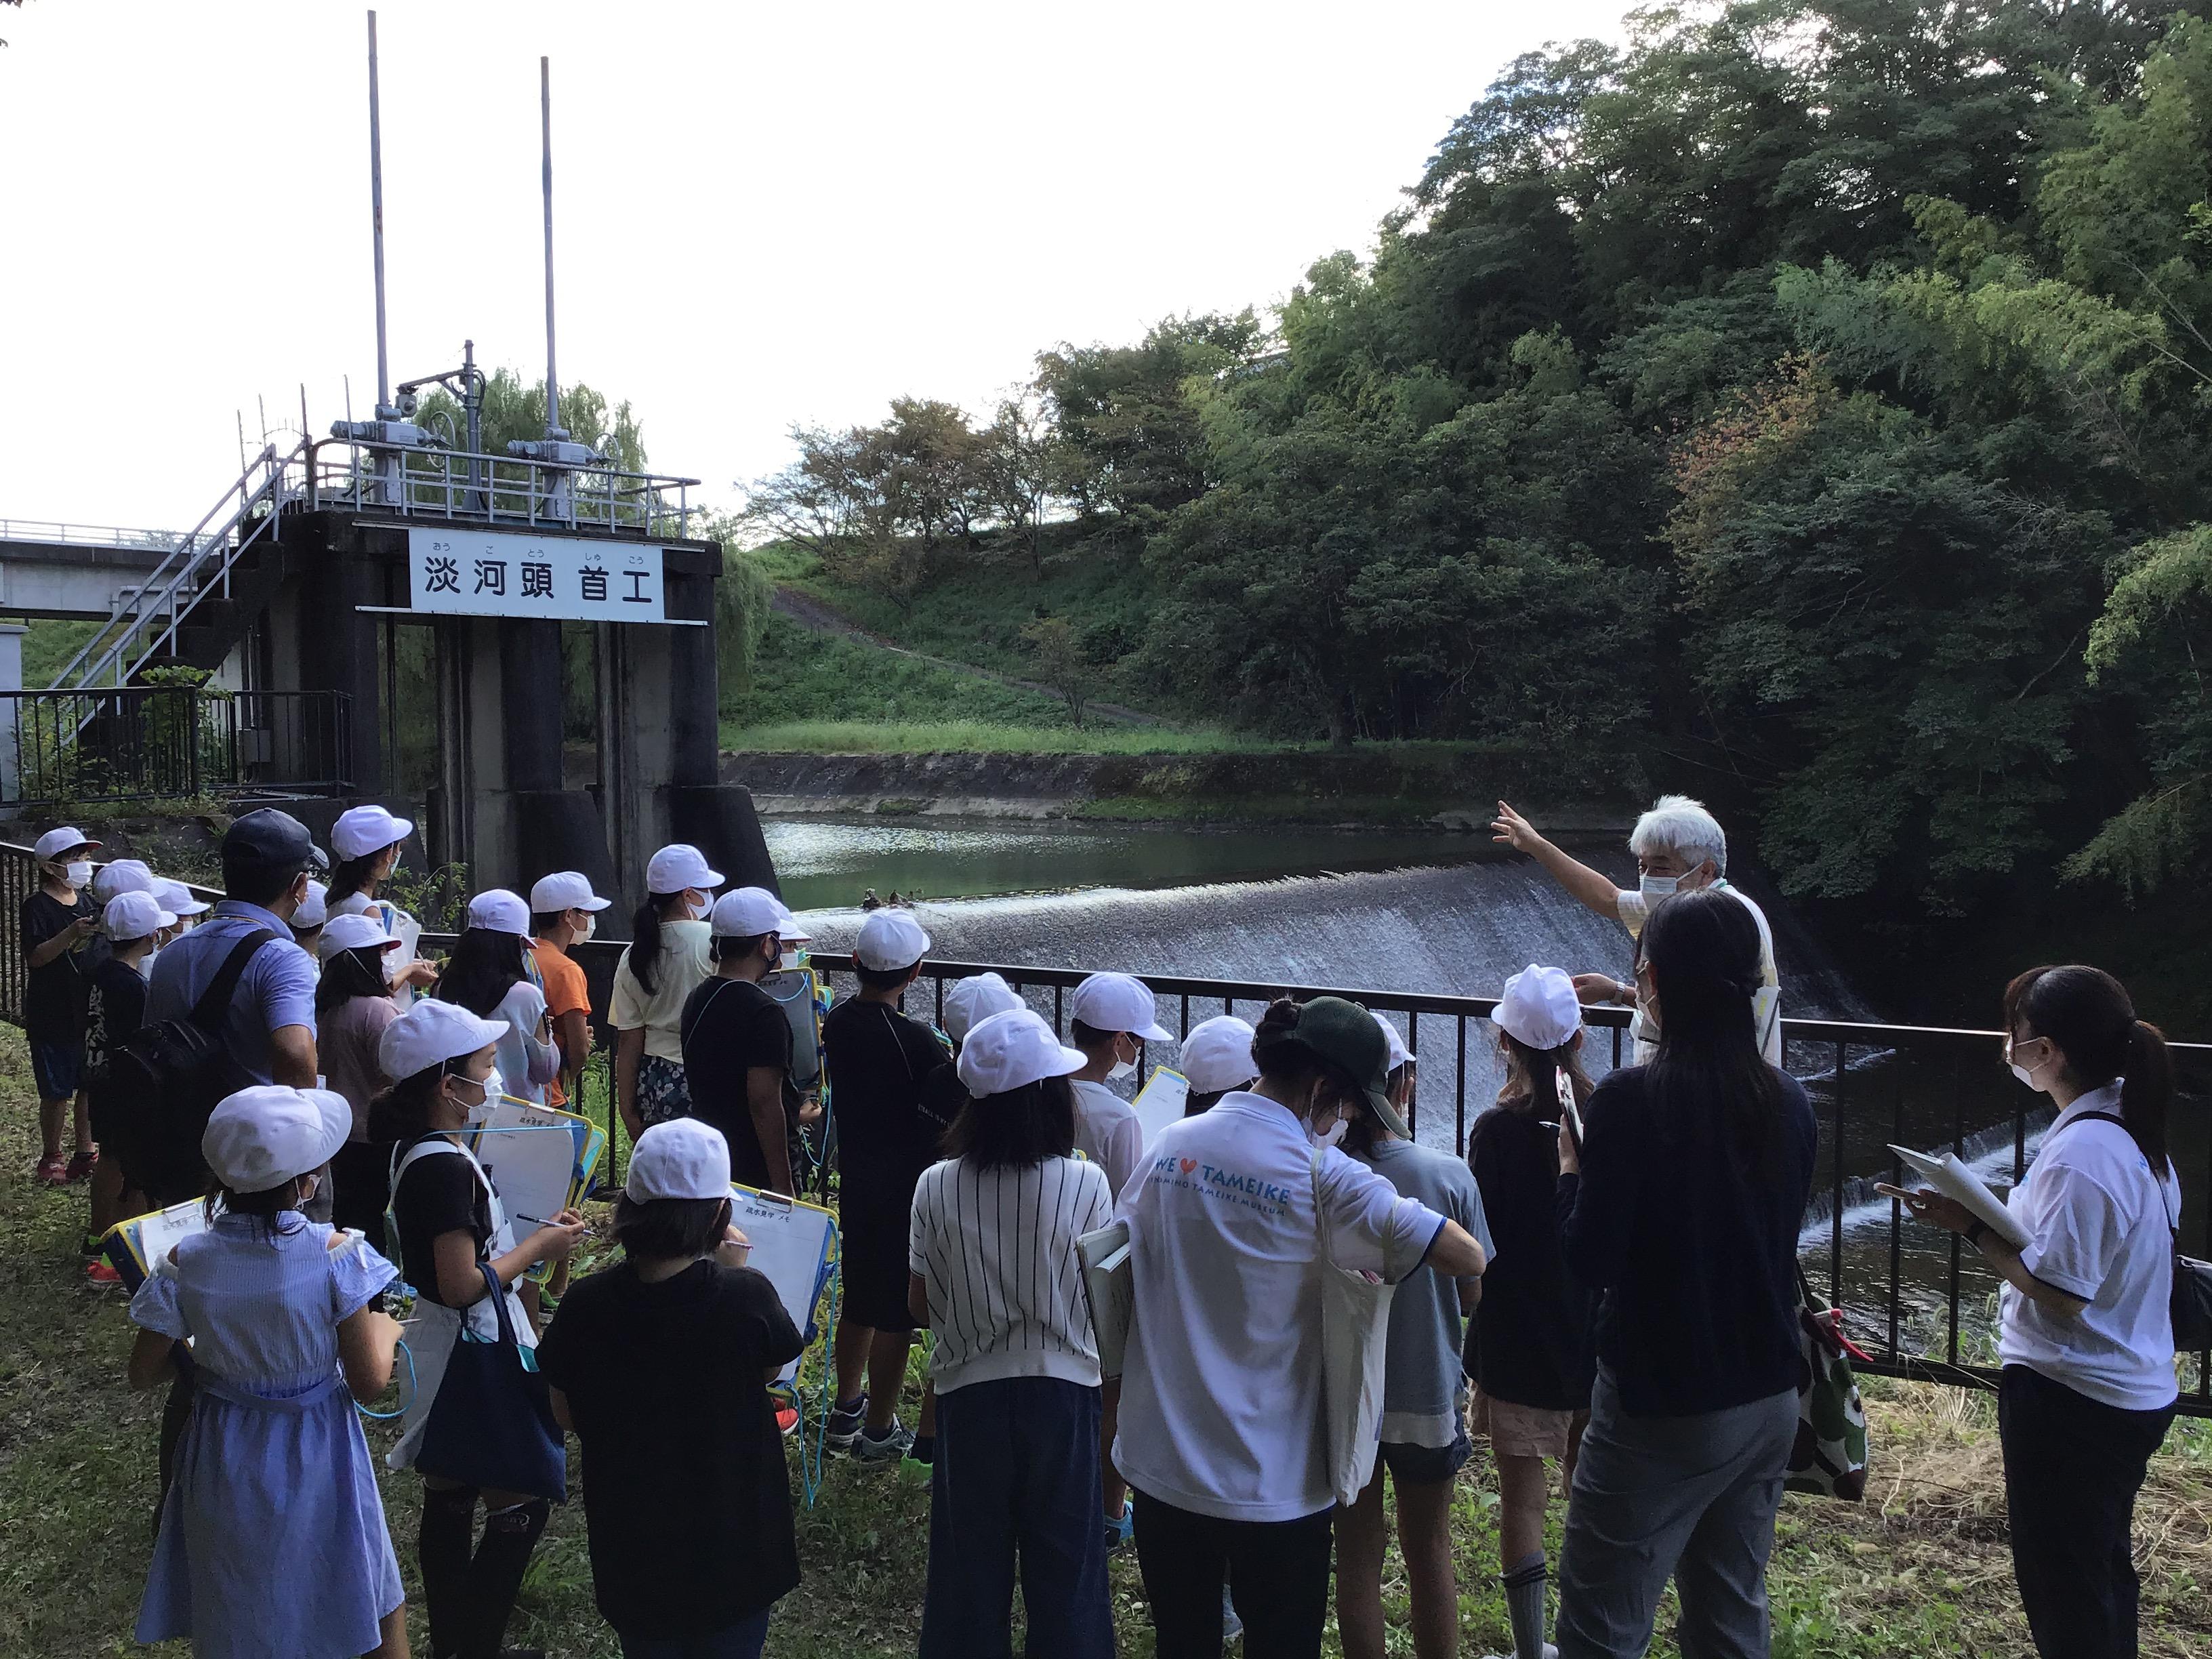 淡河川頭首工 長さ28m 高さ4m 沢を堰き止め水を溜め、川の水を揚げて横の水路から加古大池まで水がいってます。